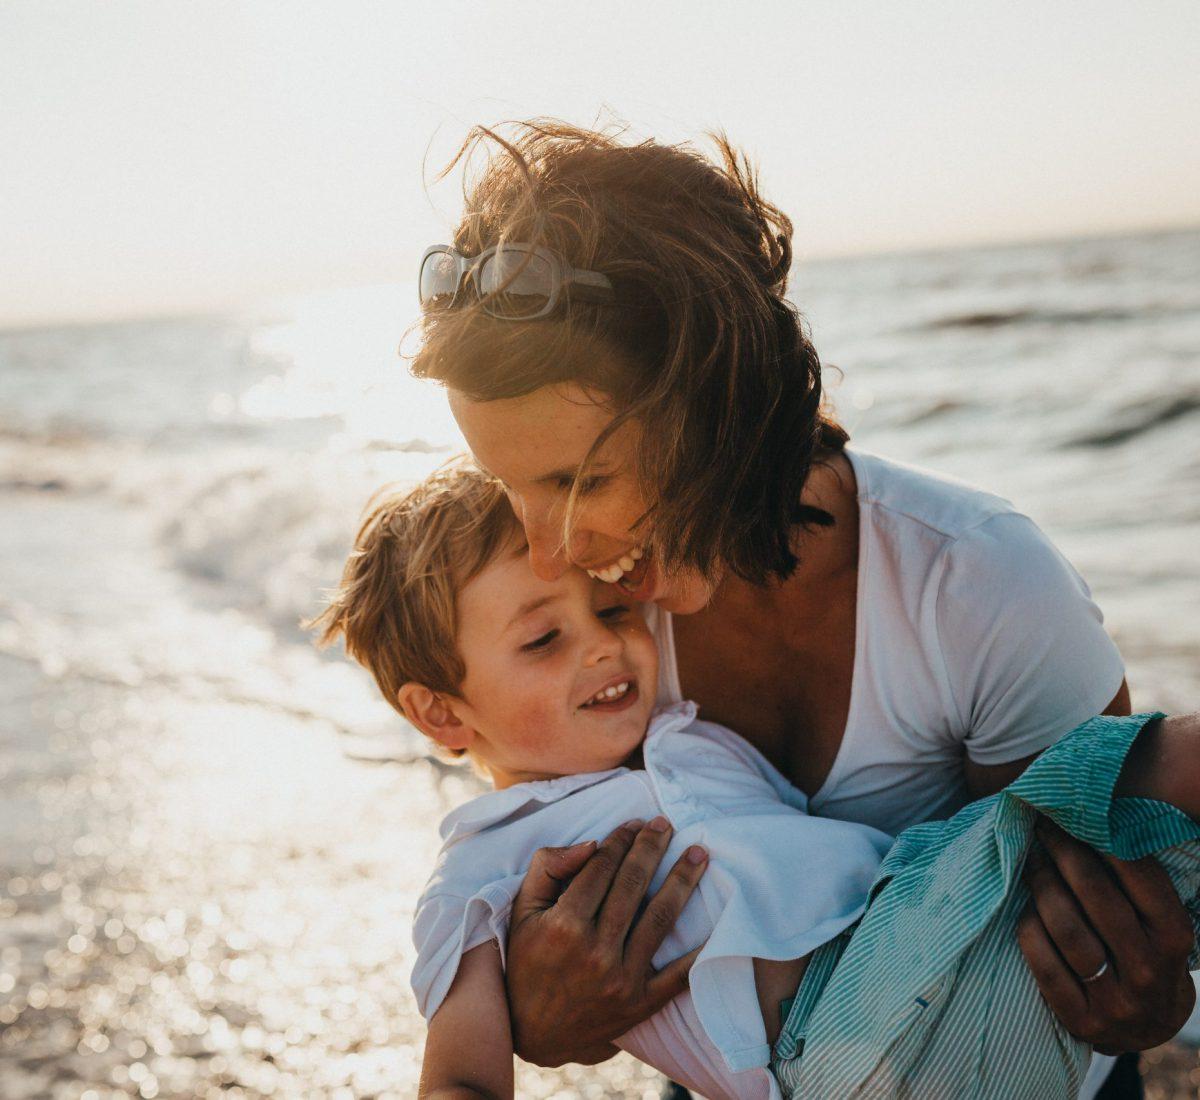 liefdevol kijken naar je kind